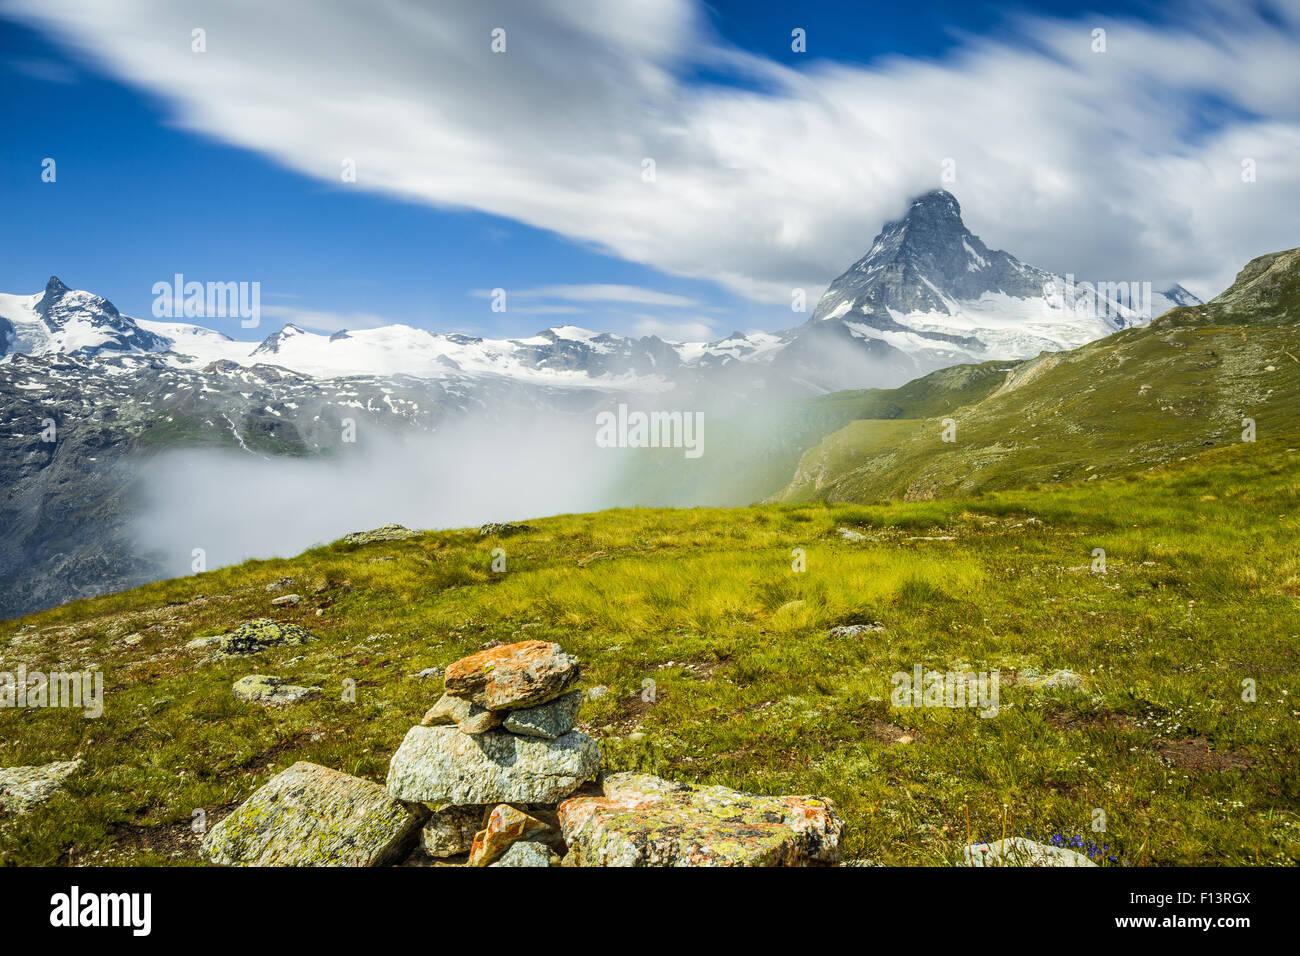 Il Cervino (Cervino). Paesaggio alpino. Svizzera Immagini Stock